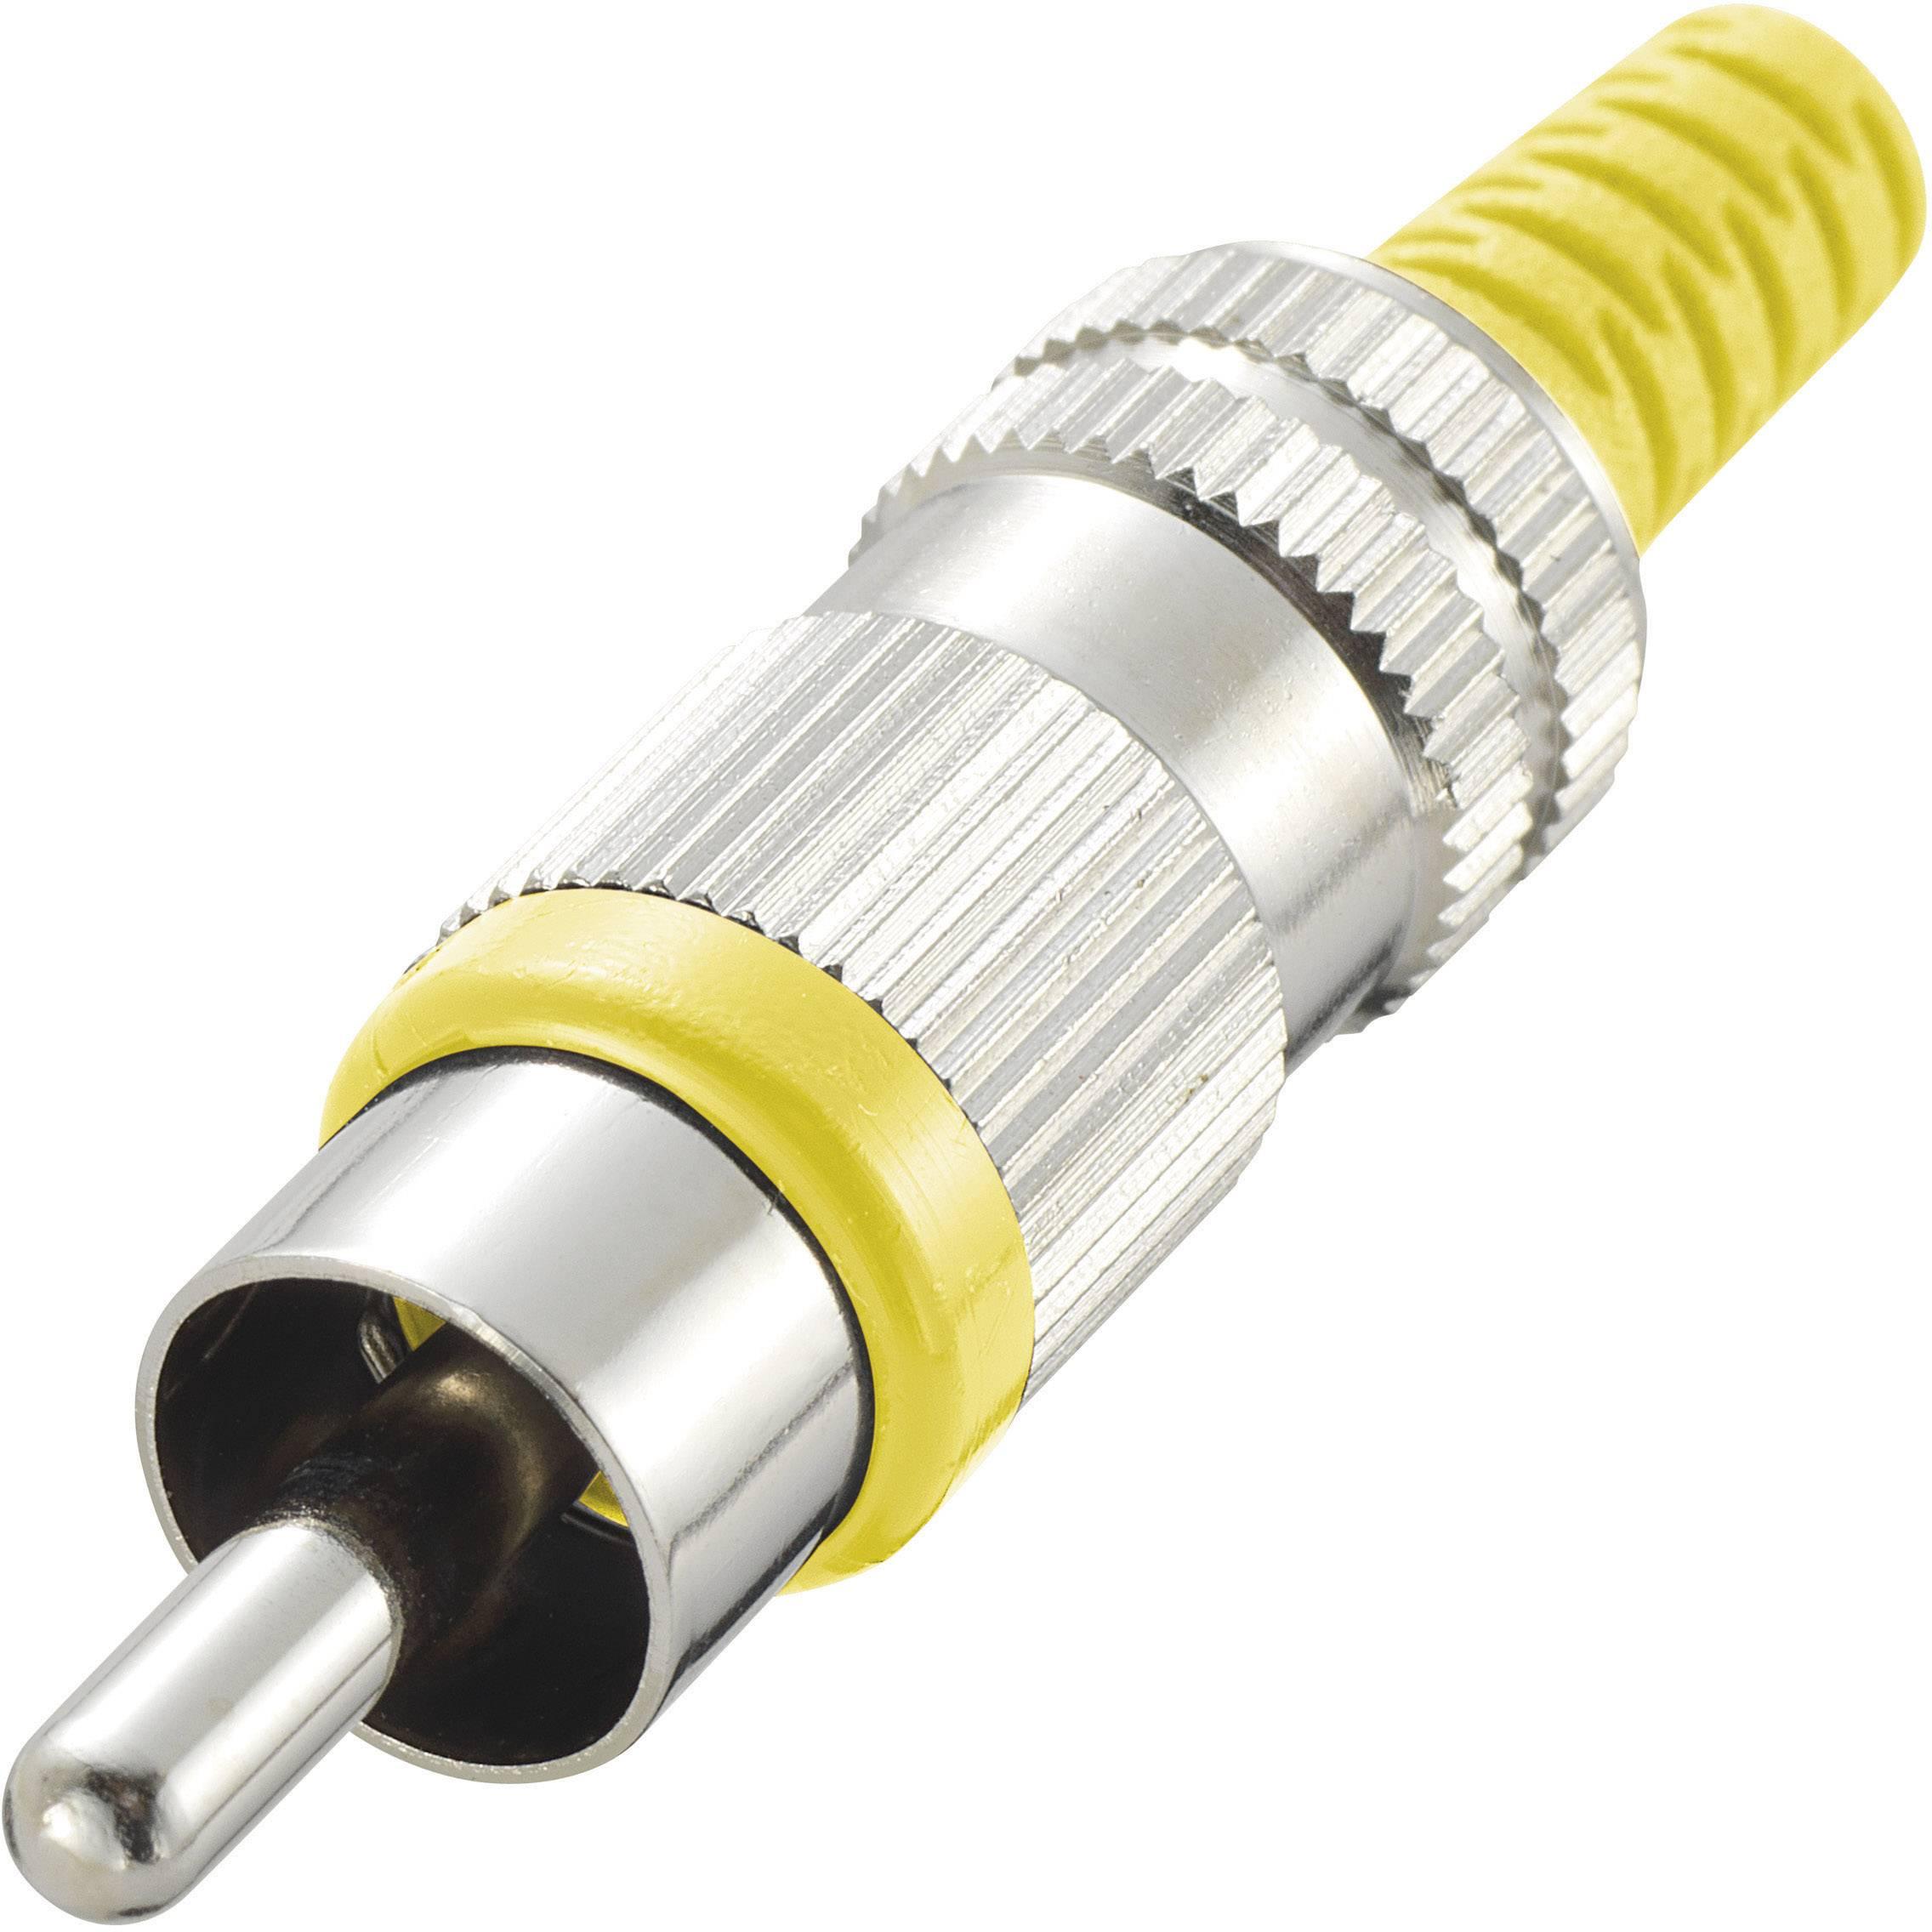 Cinch konektor zástrčka, rovná Conrad Components 2, žlutá, 1 ks